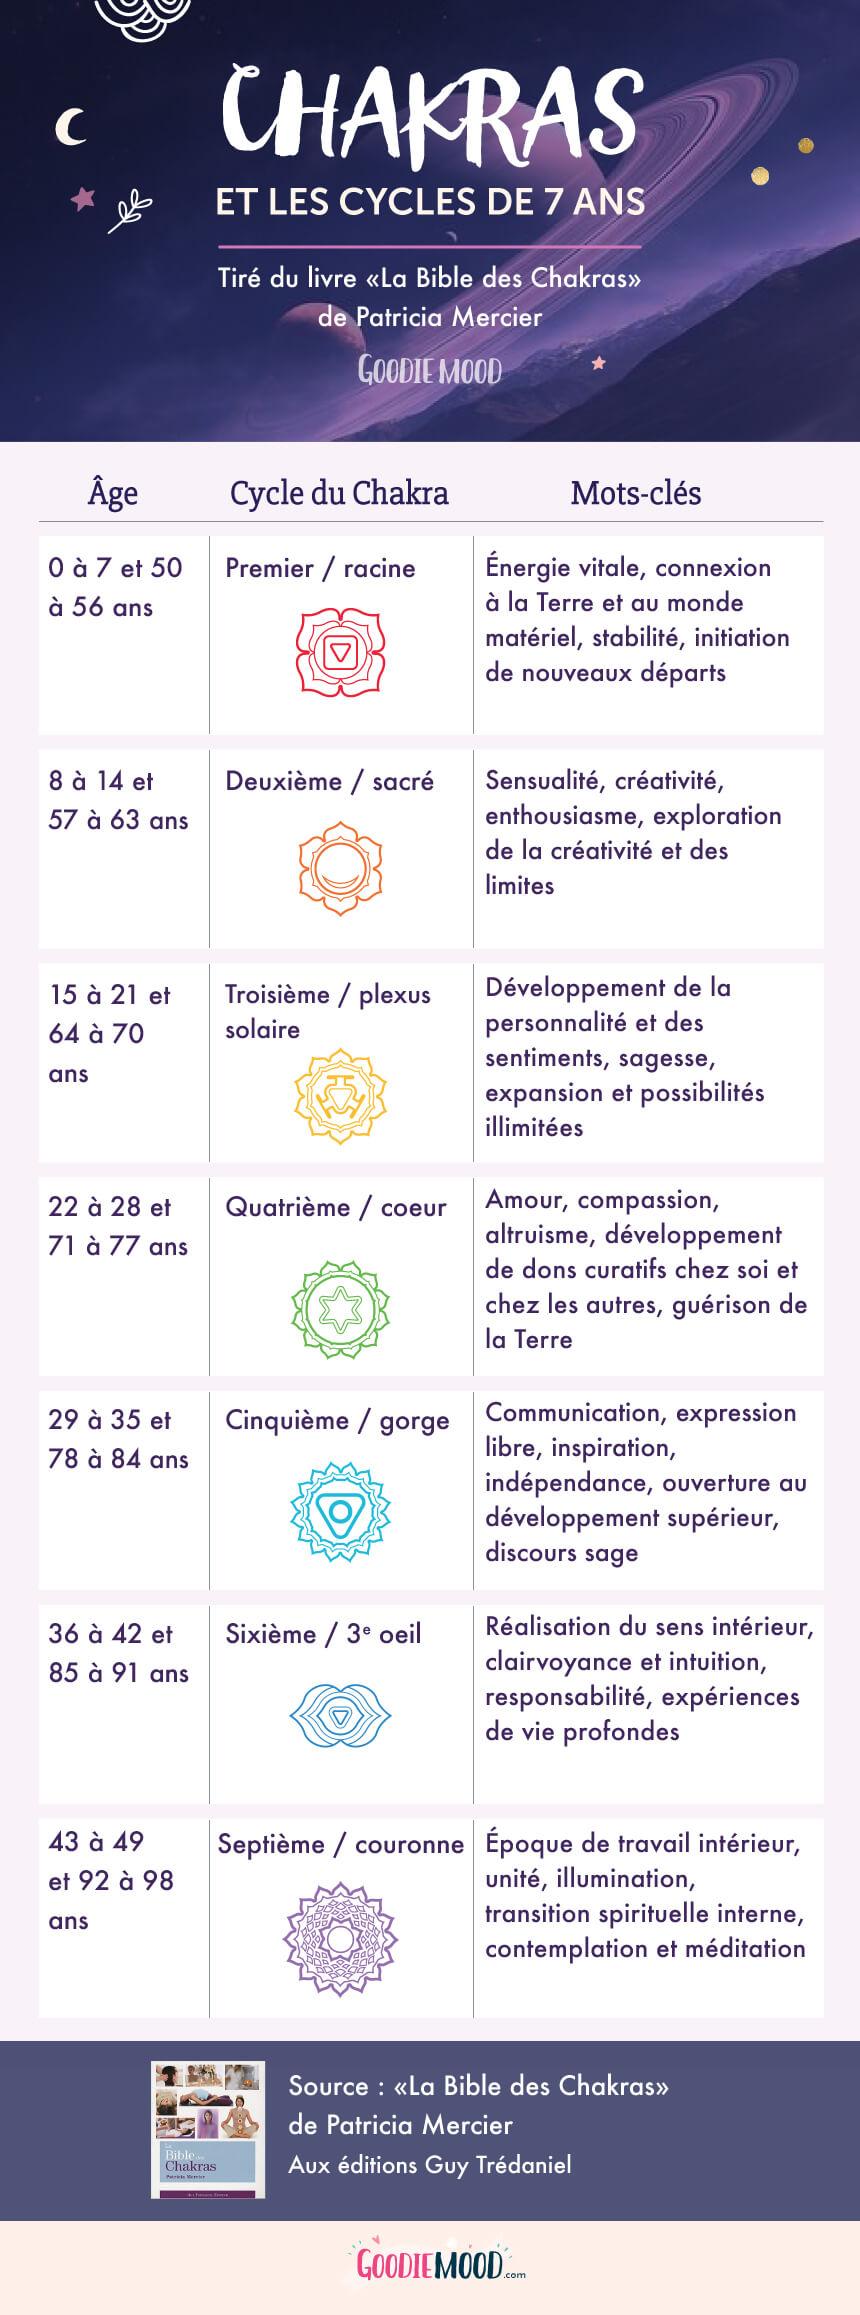 🦄Les cycles de 7 ans des chakras - Sur Goodie Mood, le blog Feel Good et Créativité #Chakras #méditation #esoterisme #infographie #blog #7ans #cycle